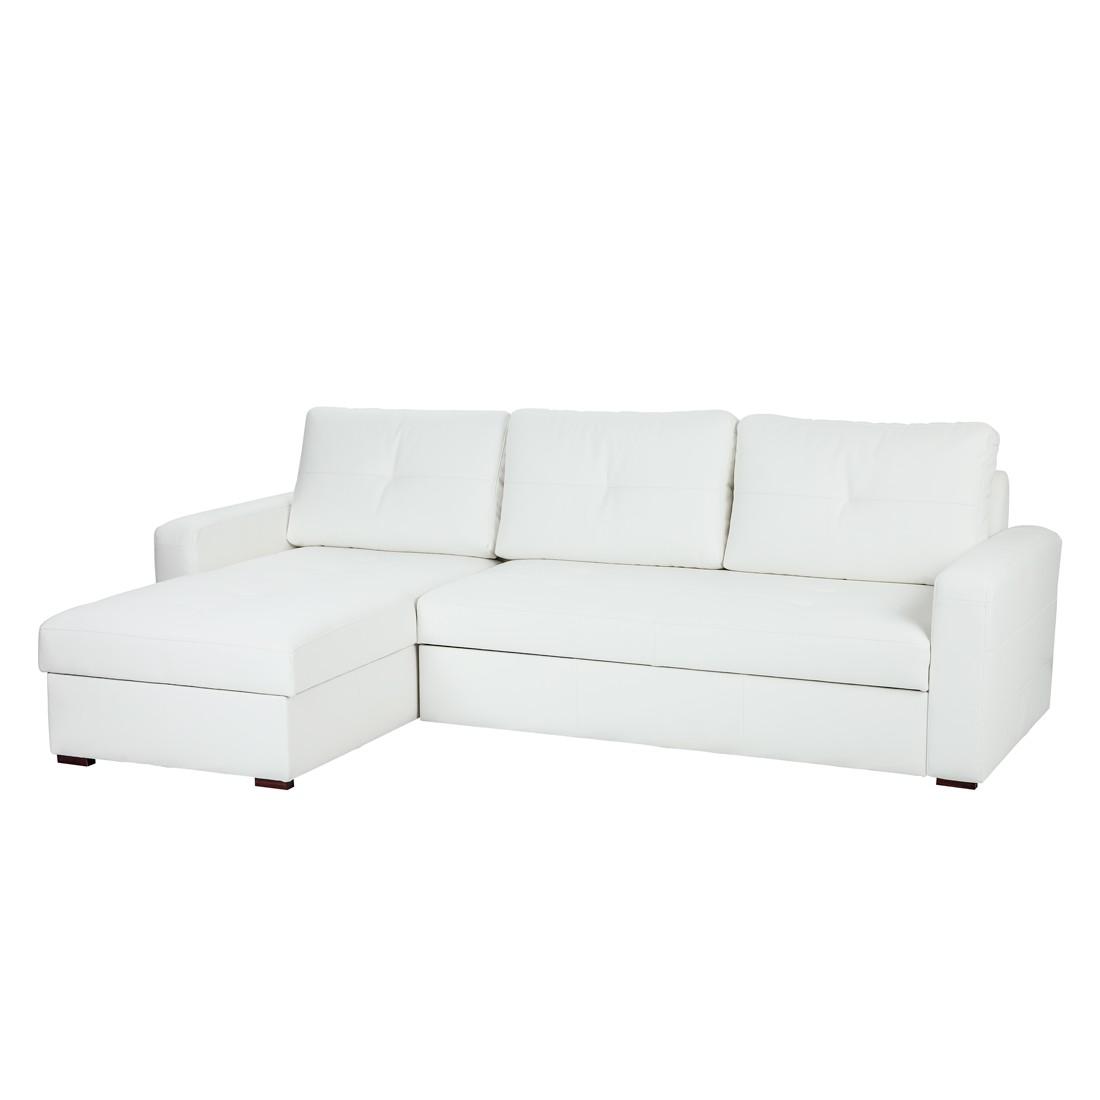 kunstleder sofa gnstig kunstleder sofa schwarz sofa online gnstig ecksofa cosmo longchair mit. Black Bedroom Furniture Sets. Home Design Ideas